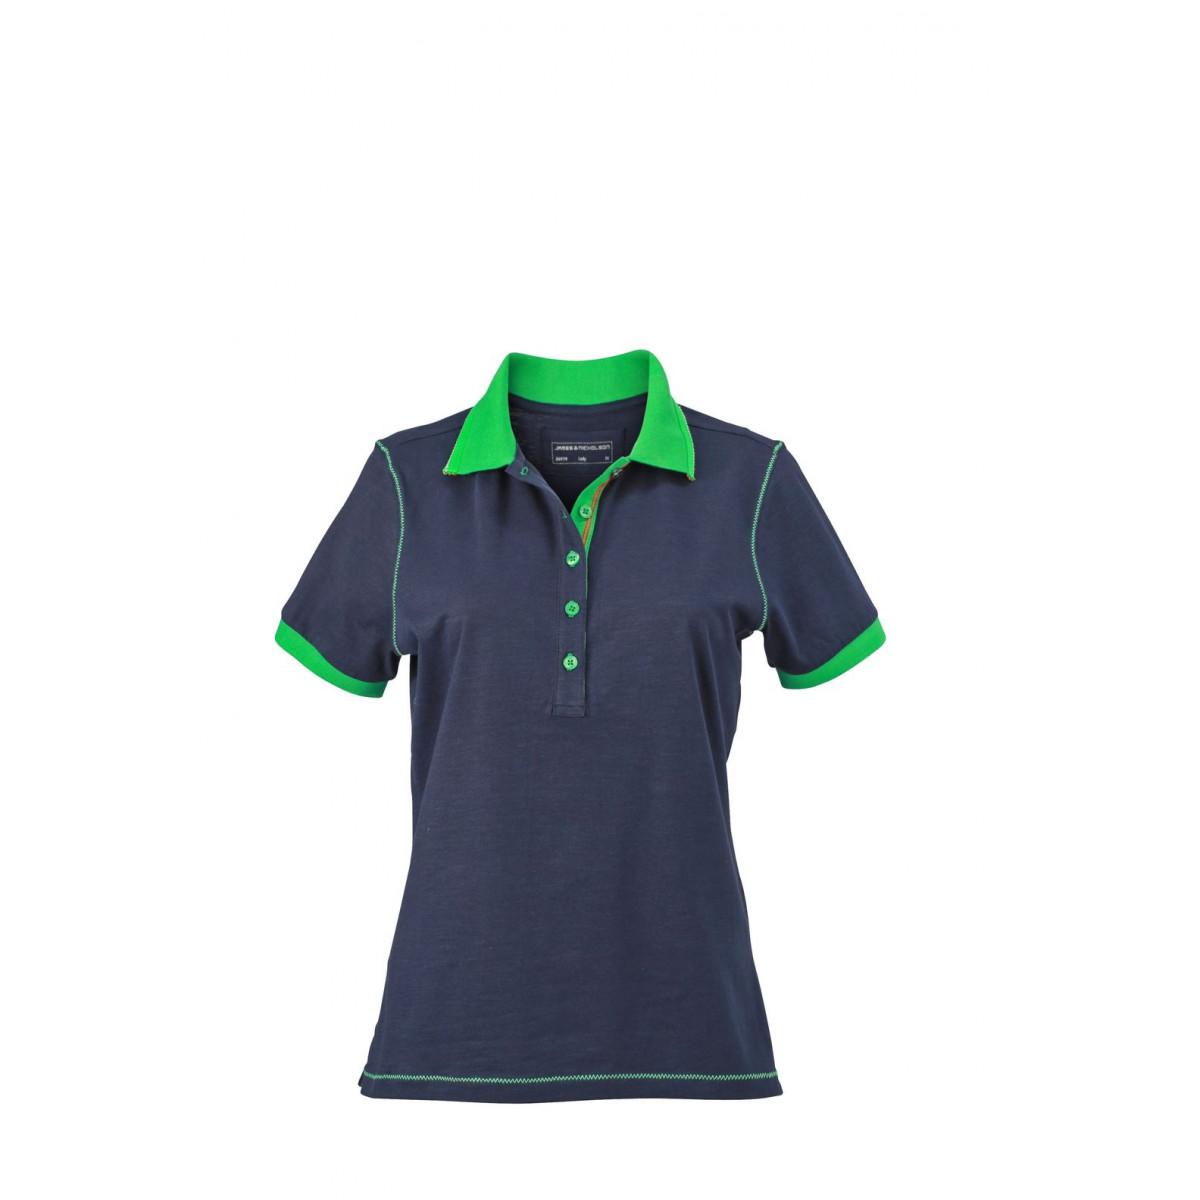 Рубашка поло женская JN979 Ladies Urban Polo - Темно-синий/Насыщенный зеленый